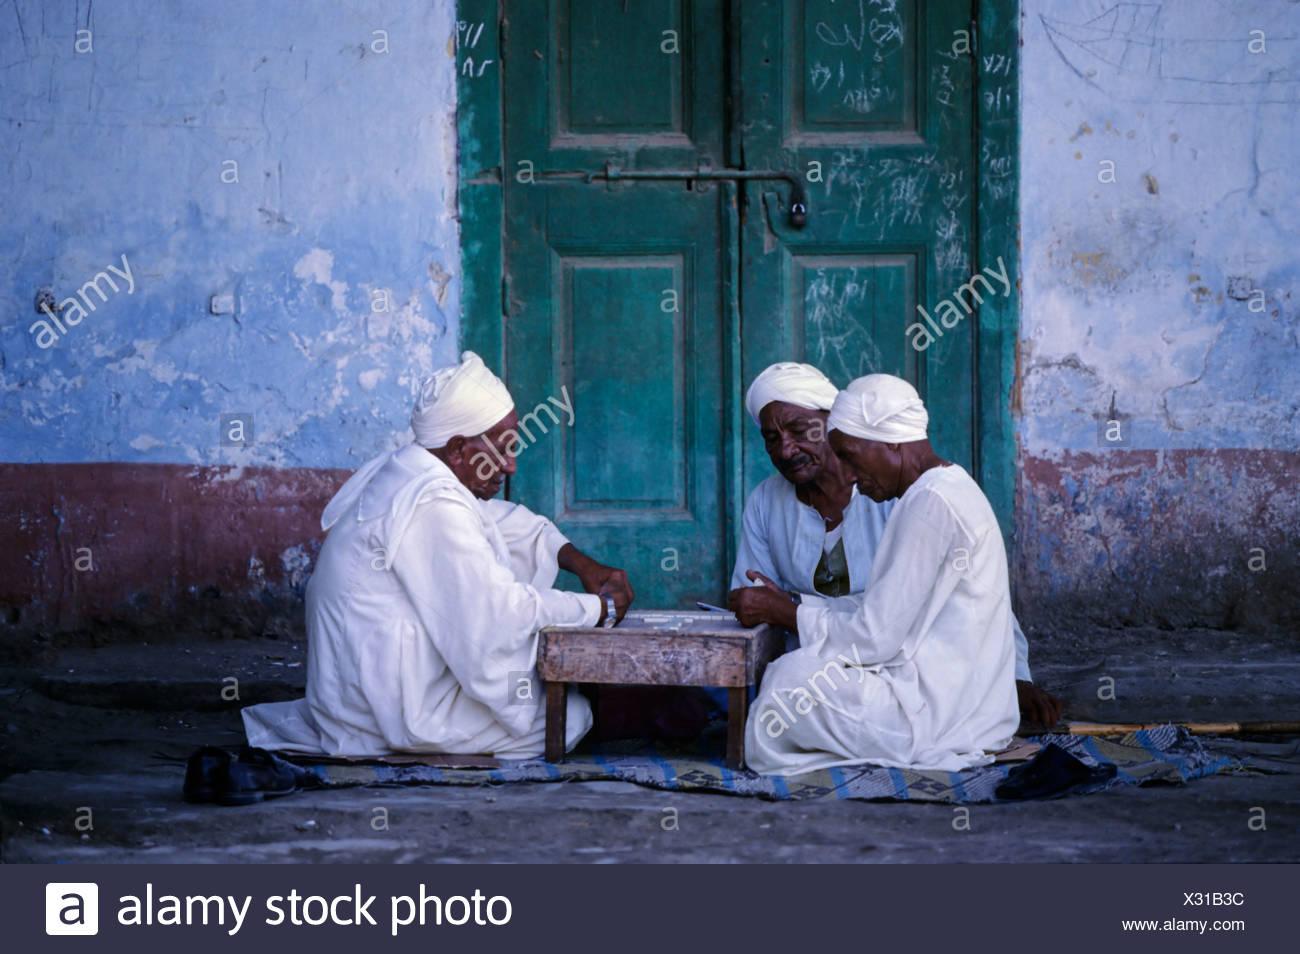 Ägypter spielen Domino, Spiel, Männer, Spiel, Spieler, Djellabea, weiße, traditionell, Turban, El Queseir, Ägypten, Afrika Stockbild